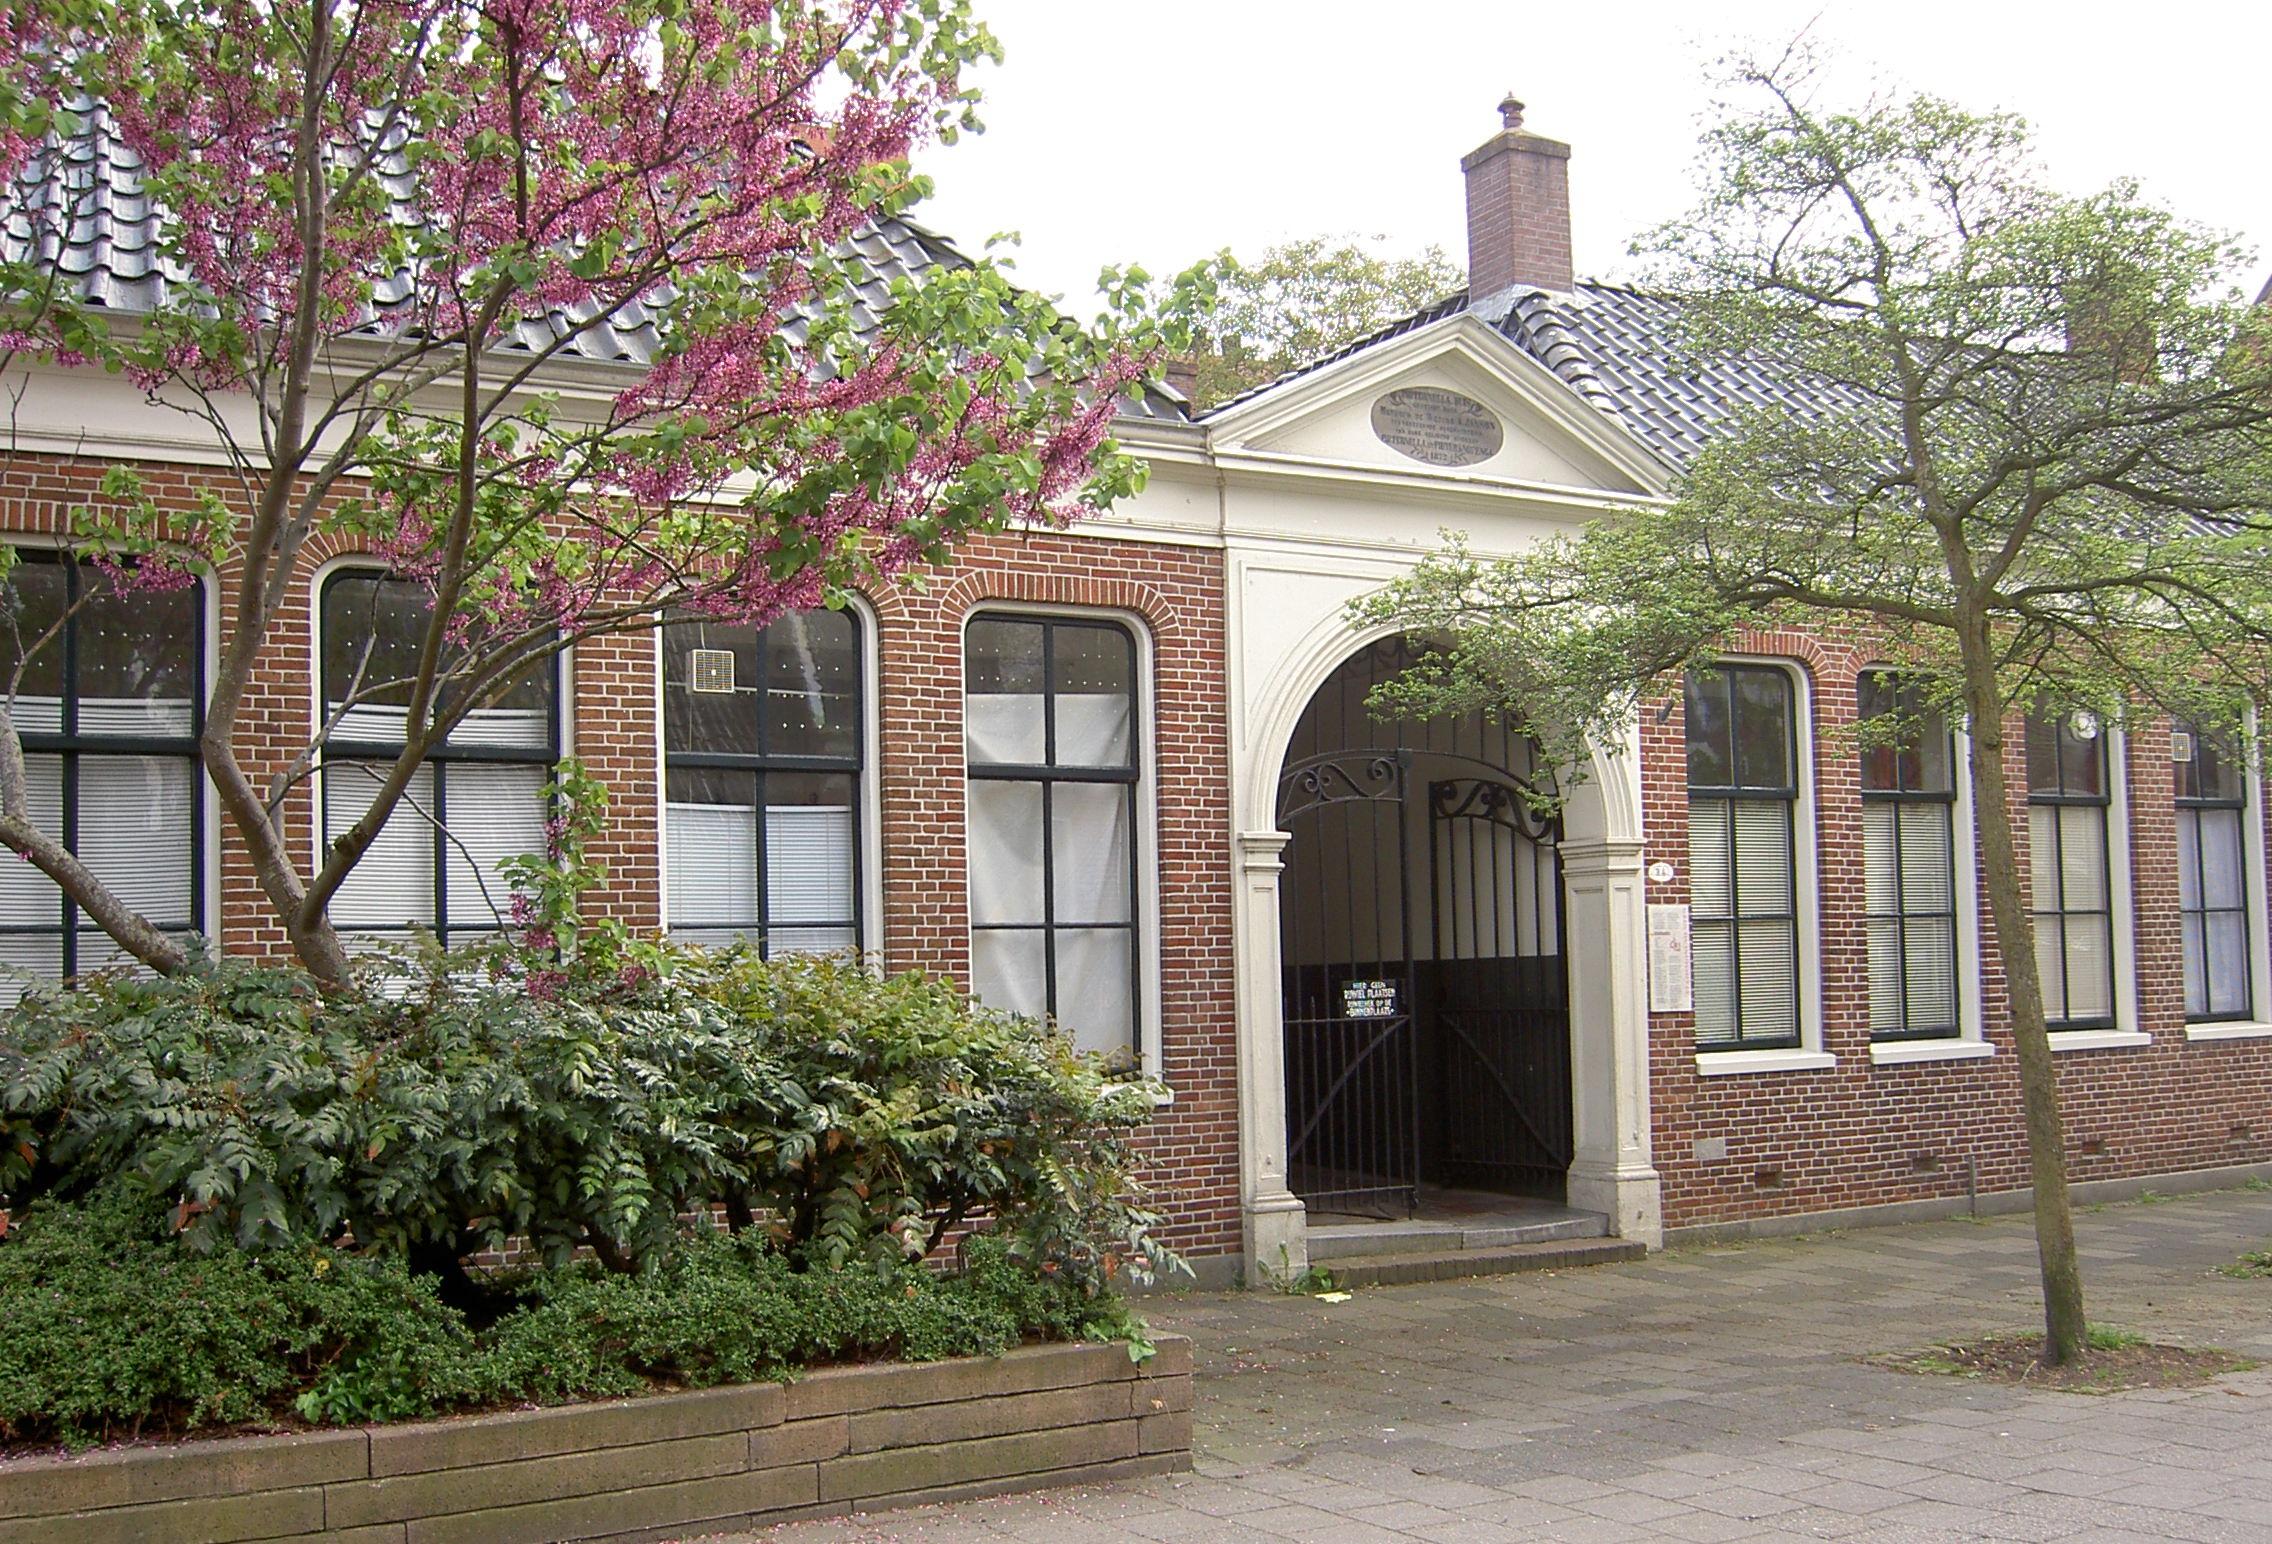 Pieternellagasthuis